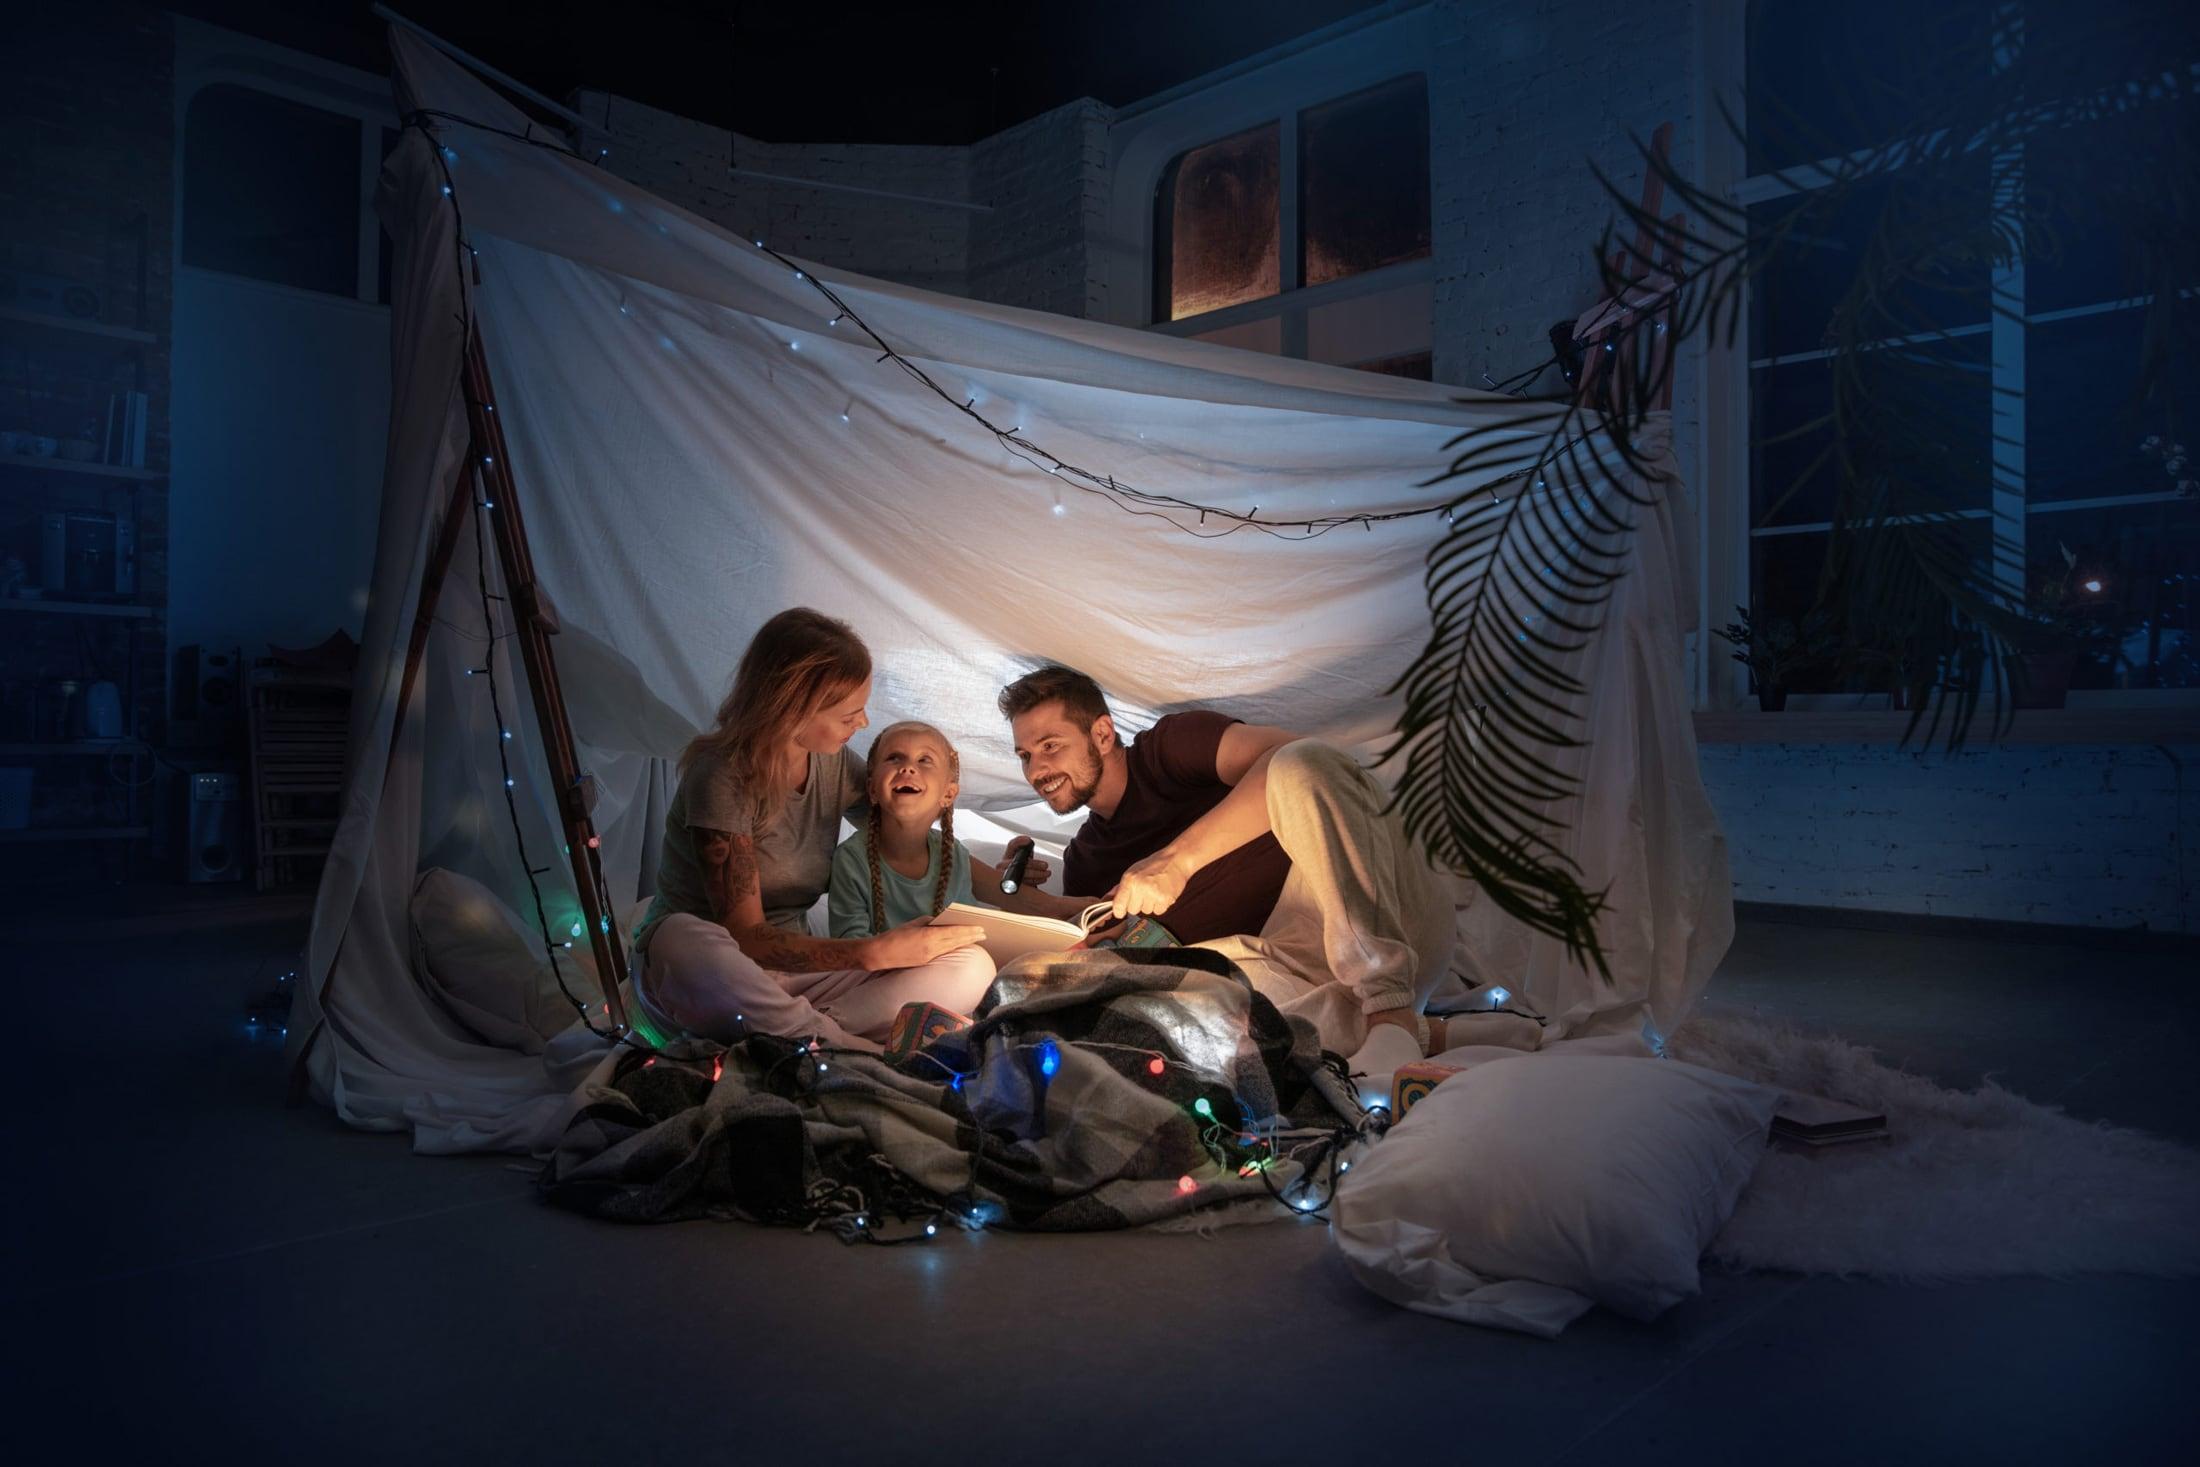 Familie sitzt in einem dunklen Raum in einem selbstgebauten Zelt und ließt mit einer Taschenlampe ein Buch.